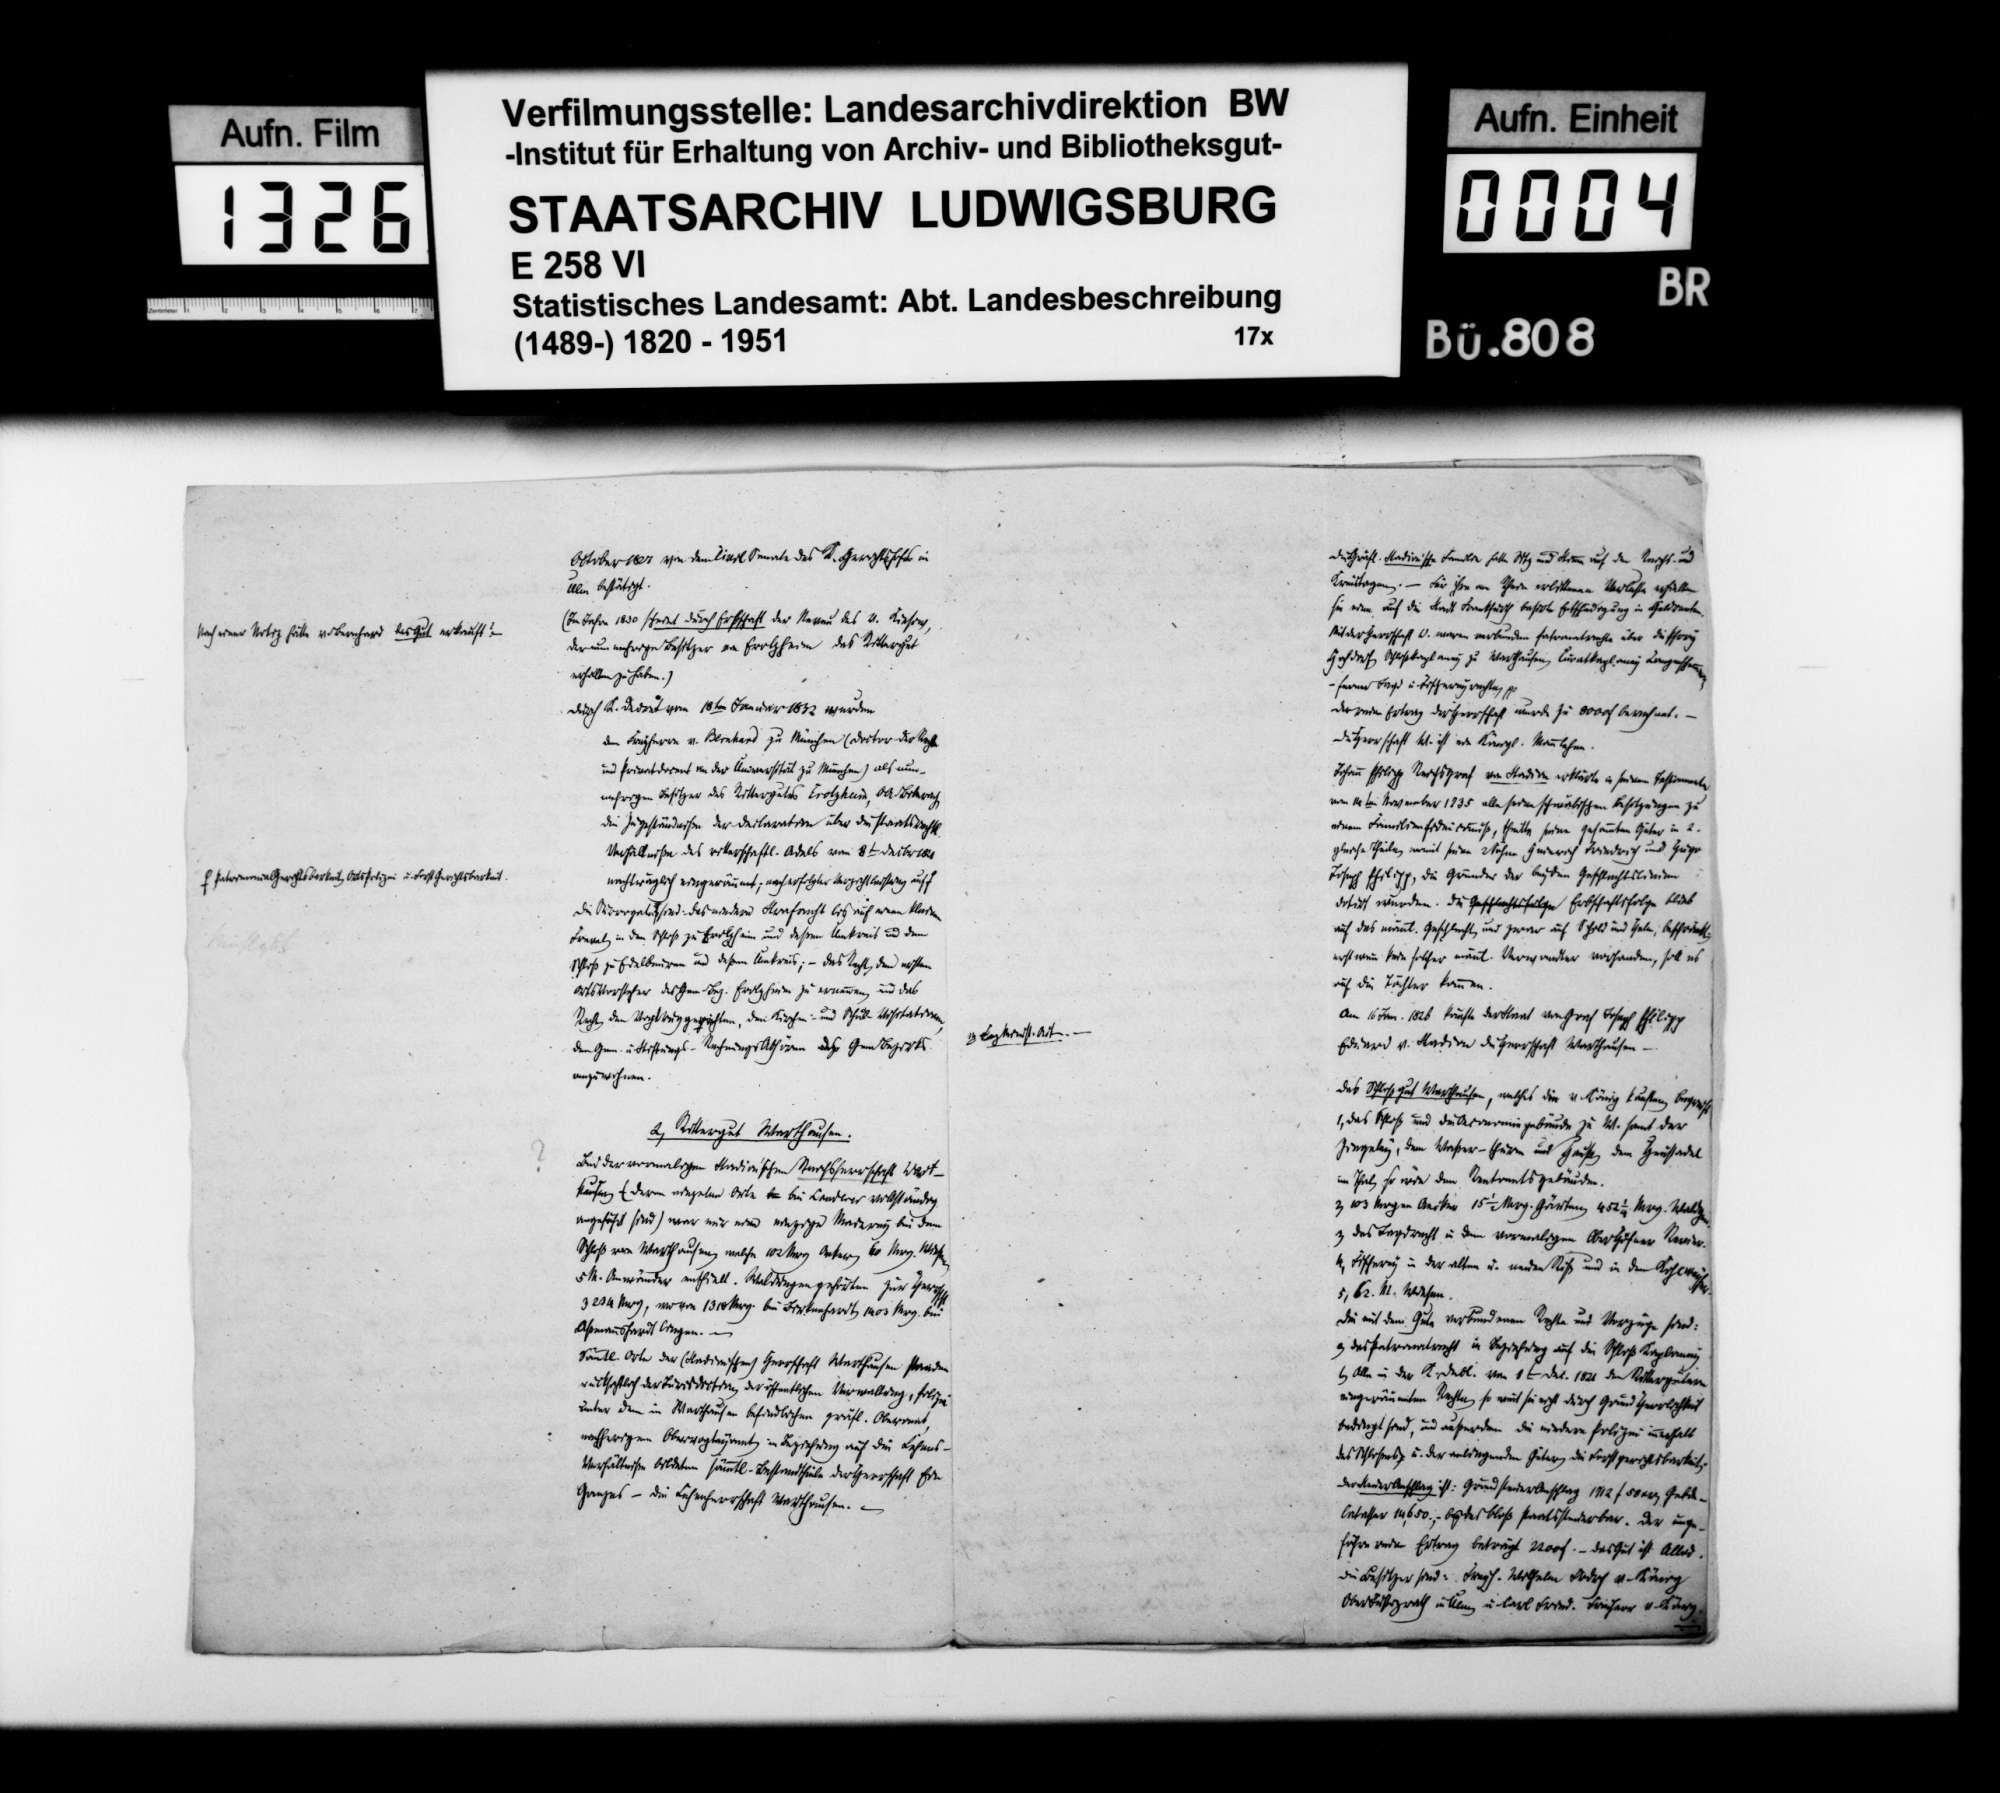 Auszüge aus den Akten der Adelsmatrikelkommission, betreffend die Rittergüter Erolzheim, Warthausen, Röhrwangen, Hürbel, Oberdettingen, Unterdettingen, sowie die Standesherrschaften Gutenzell und Heggbach, Bild 3